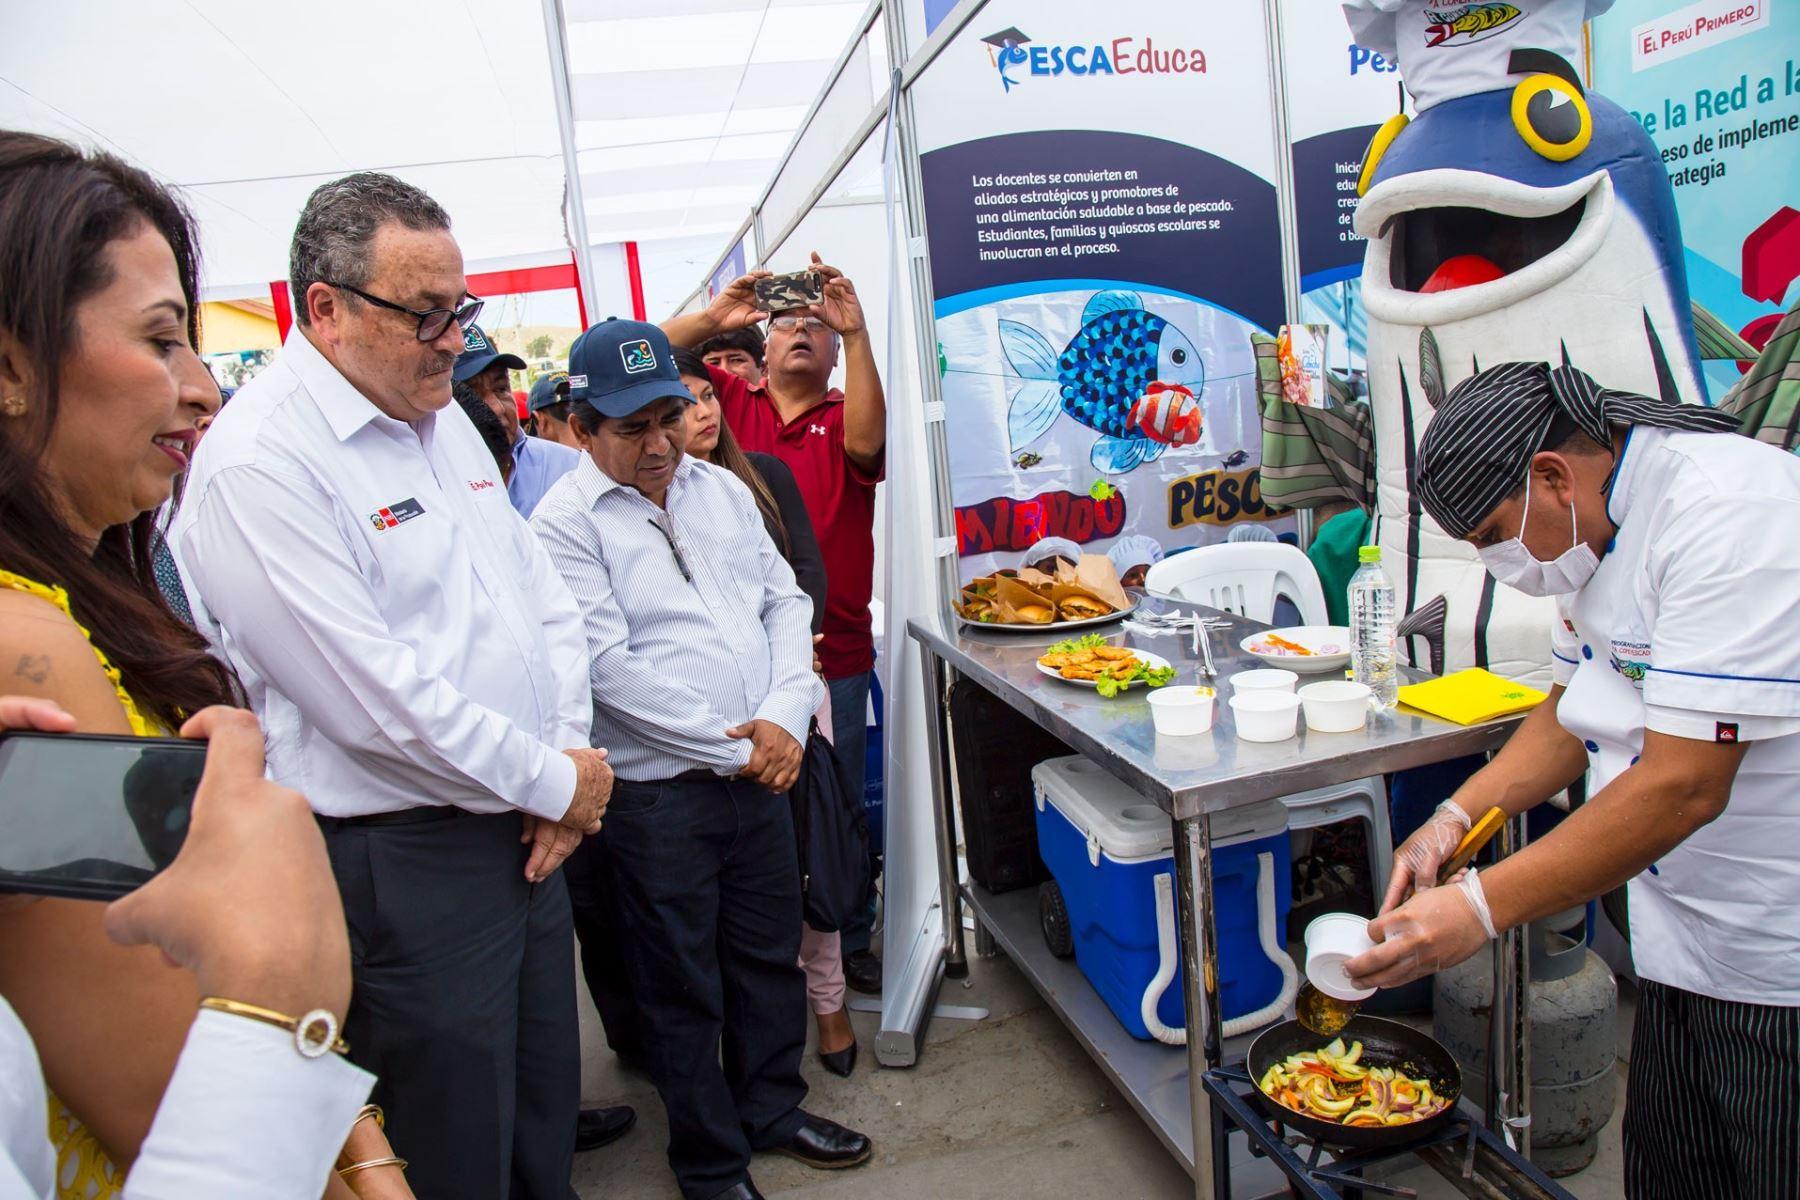 Viceministro de Pesca y Acuicultura, Javier Atkins. en feria gastronómica. Foto: Cortesía.